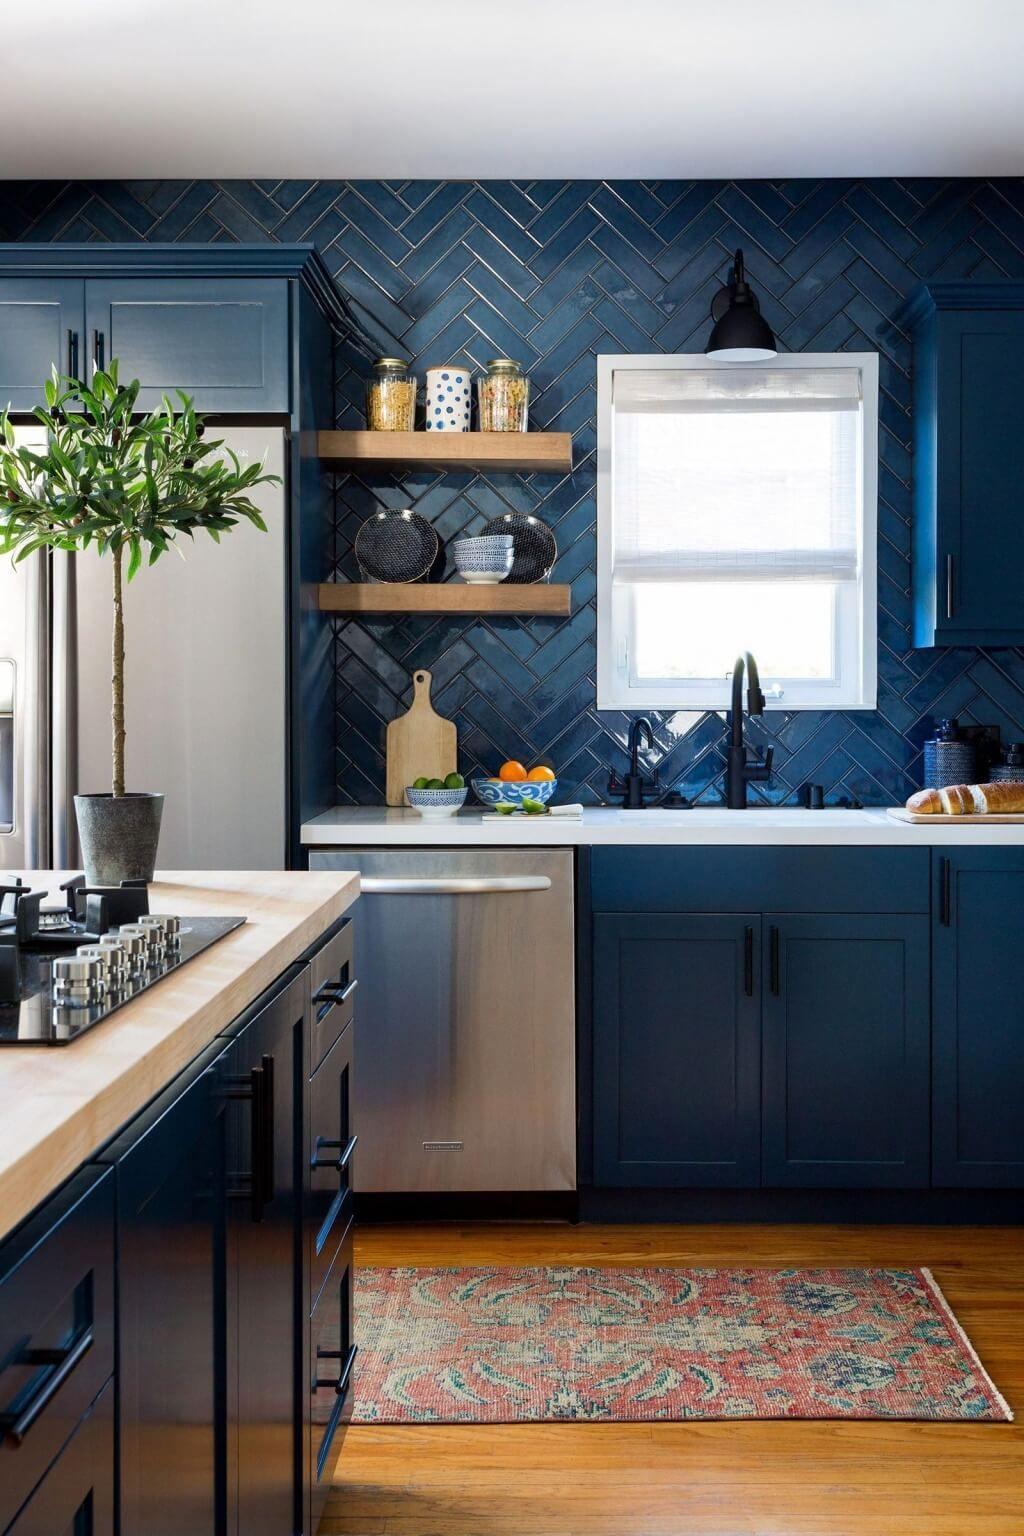 10 Kitchen Wall Ideas 2020 For Huge Difference Kitchen Backsplash Designs Modern Kitchen Cabinets Kitchen Cabinet Design